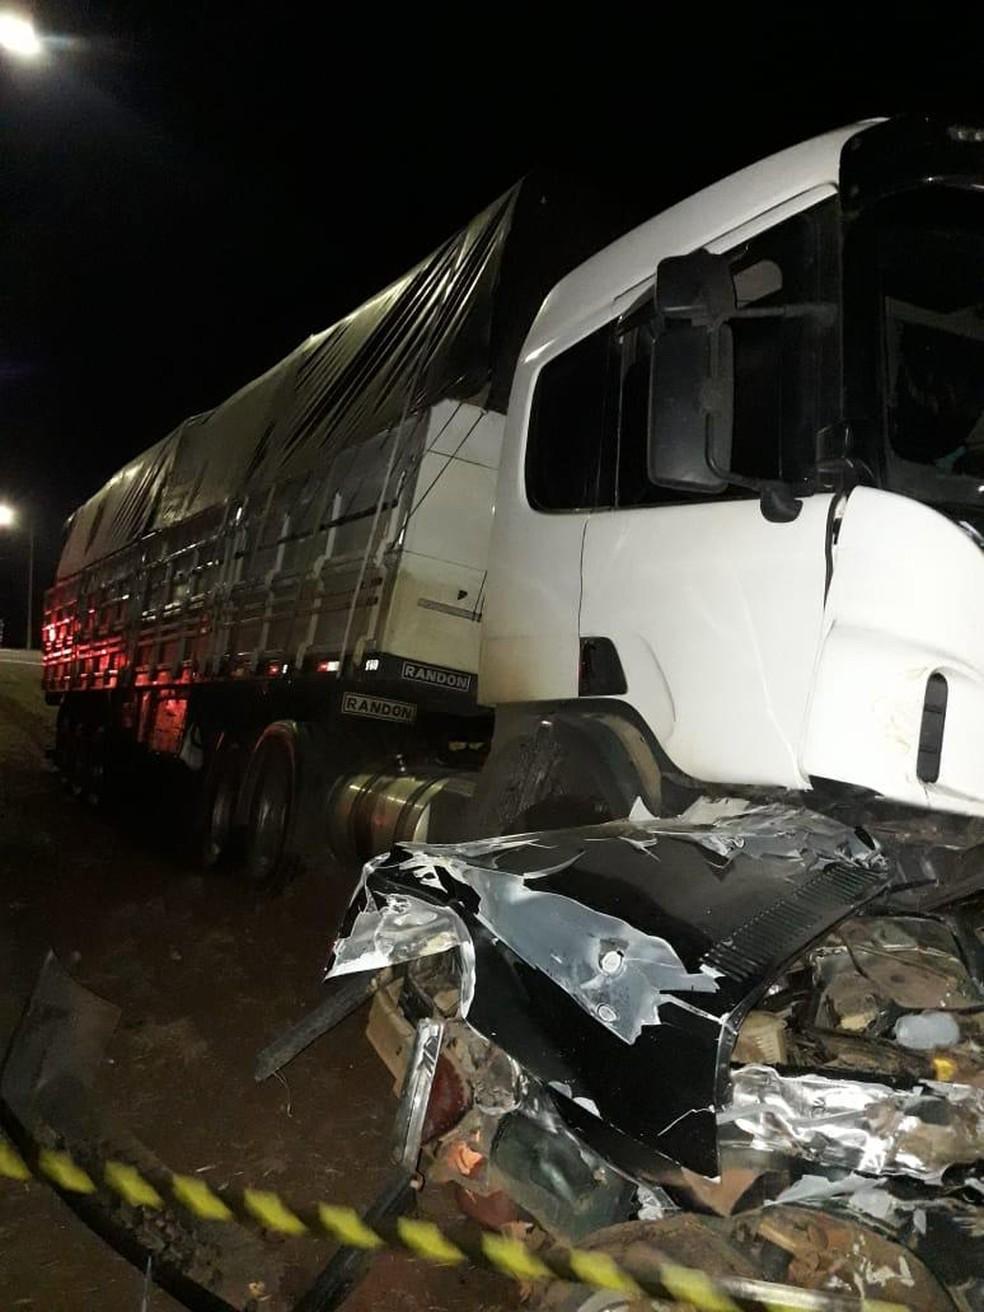 Carro envolvido no acidente com outras duas carretas ficou completamente destruído. — Foto: J. Serafim/Divulgação